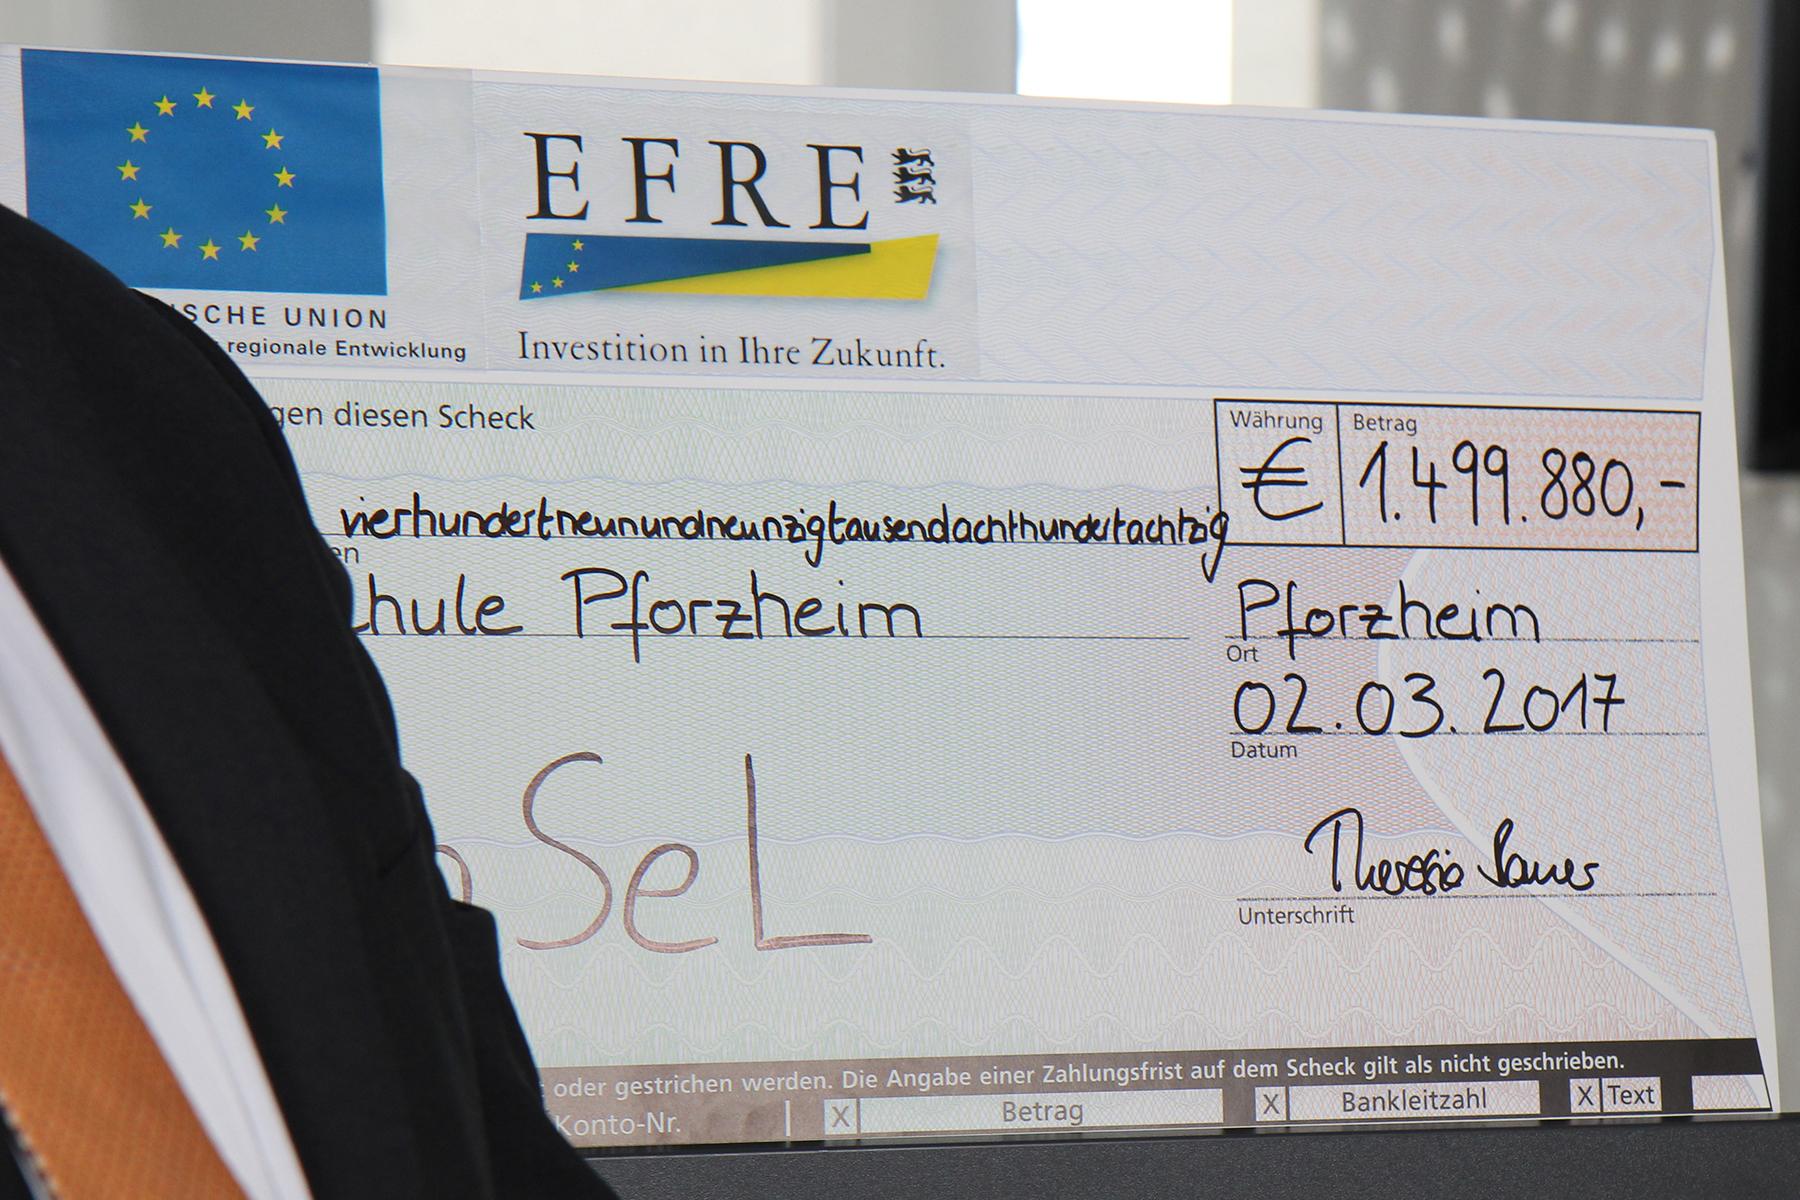 Hochschule Pforzheim - März